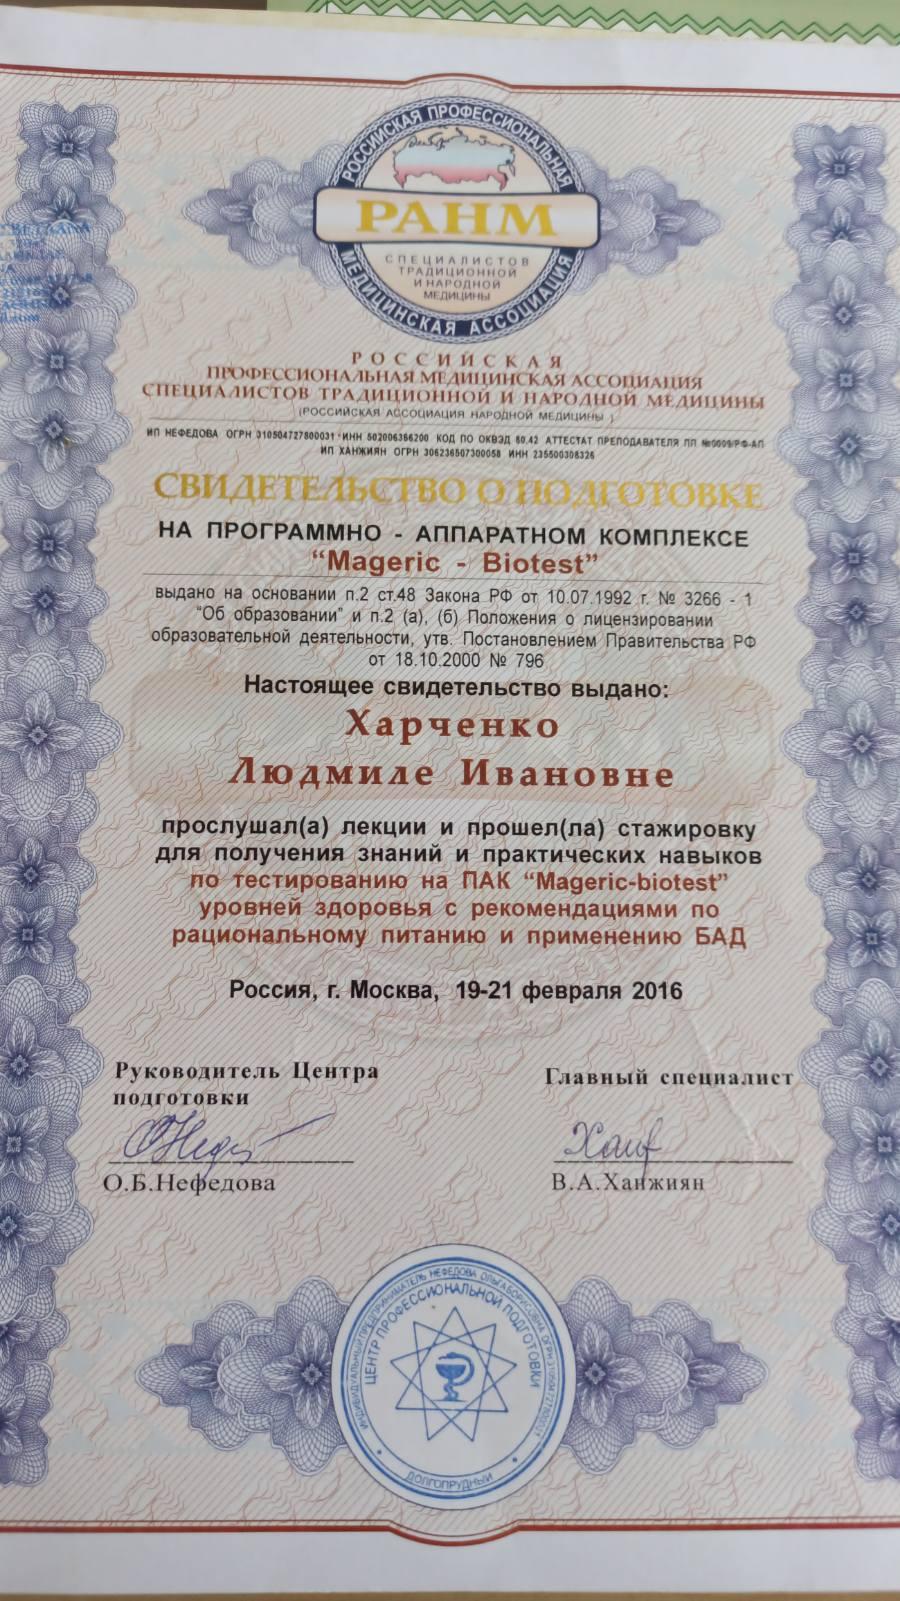 Πιστοποιητικό Mageric-Biotest- Ludmila Havcenko